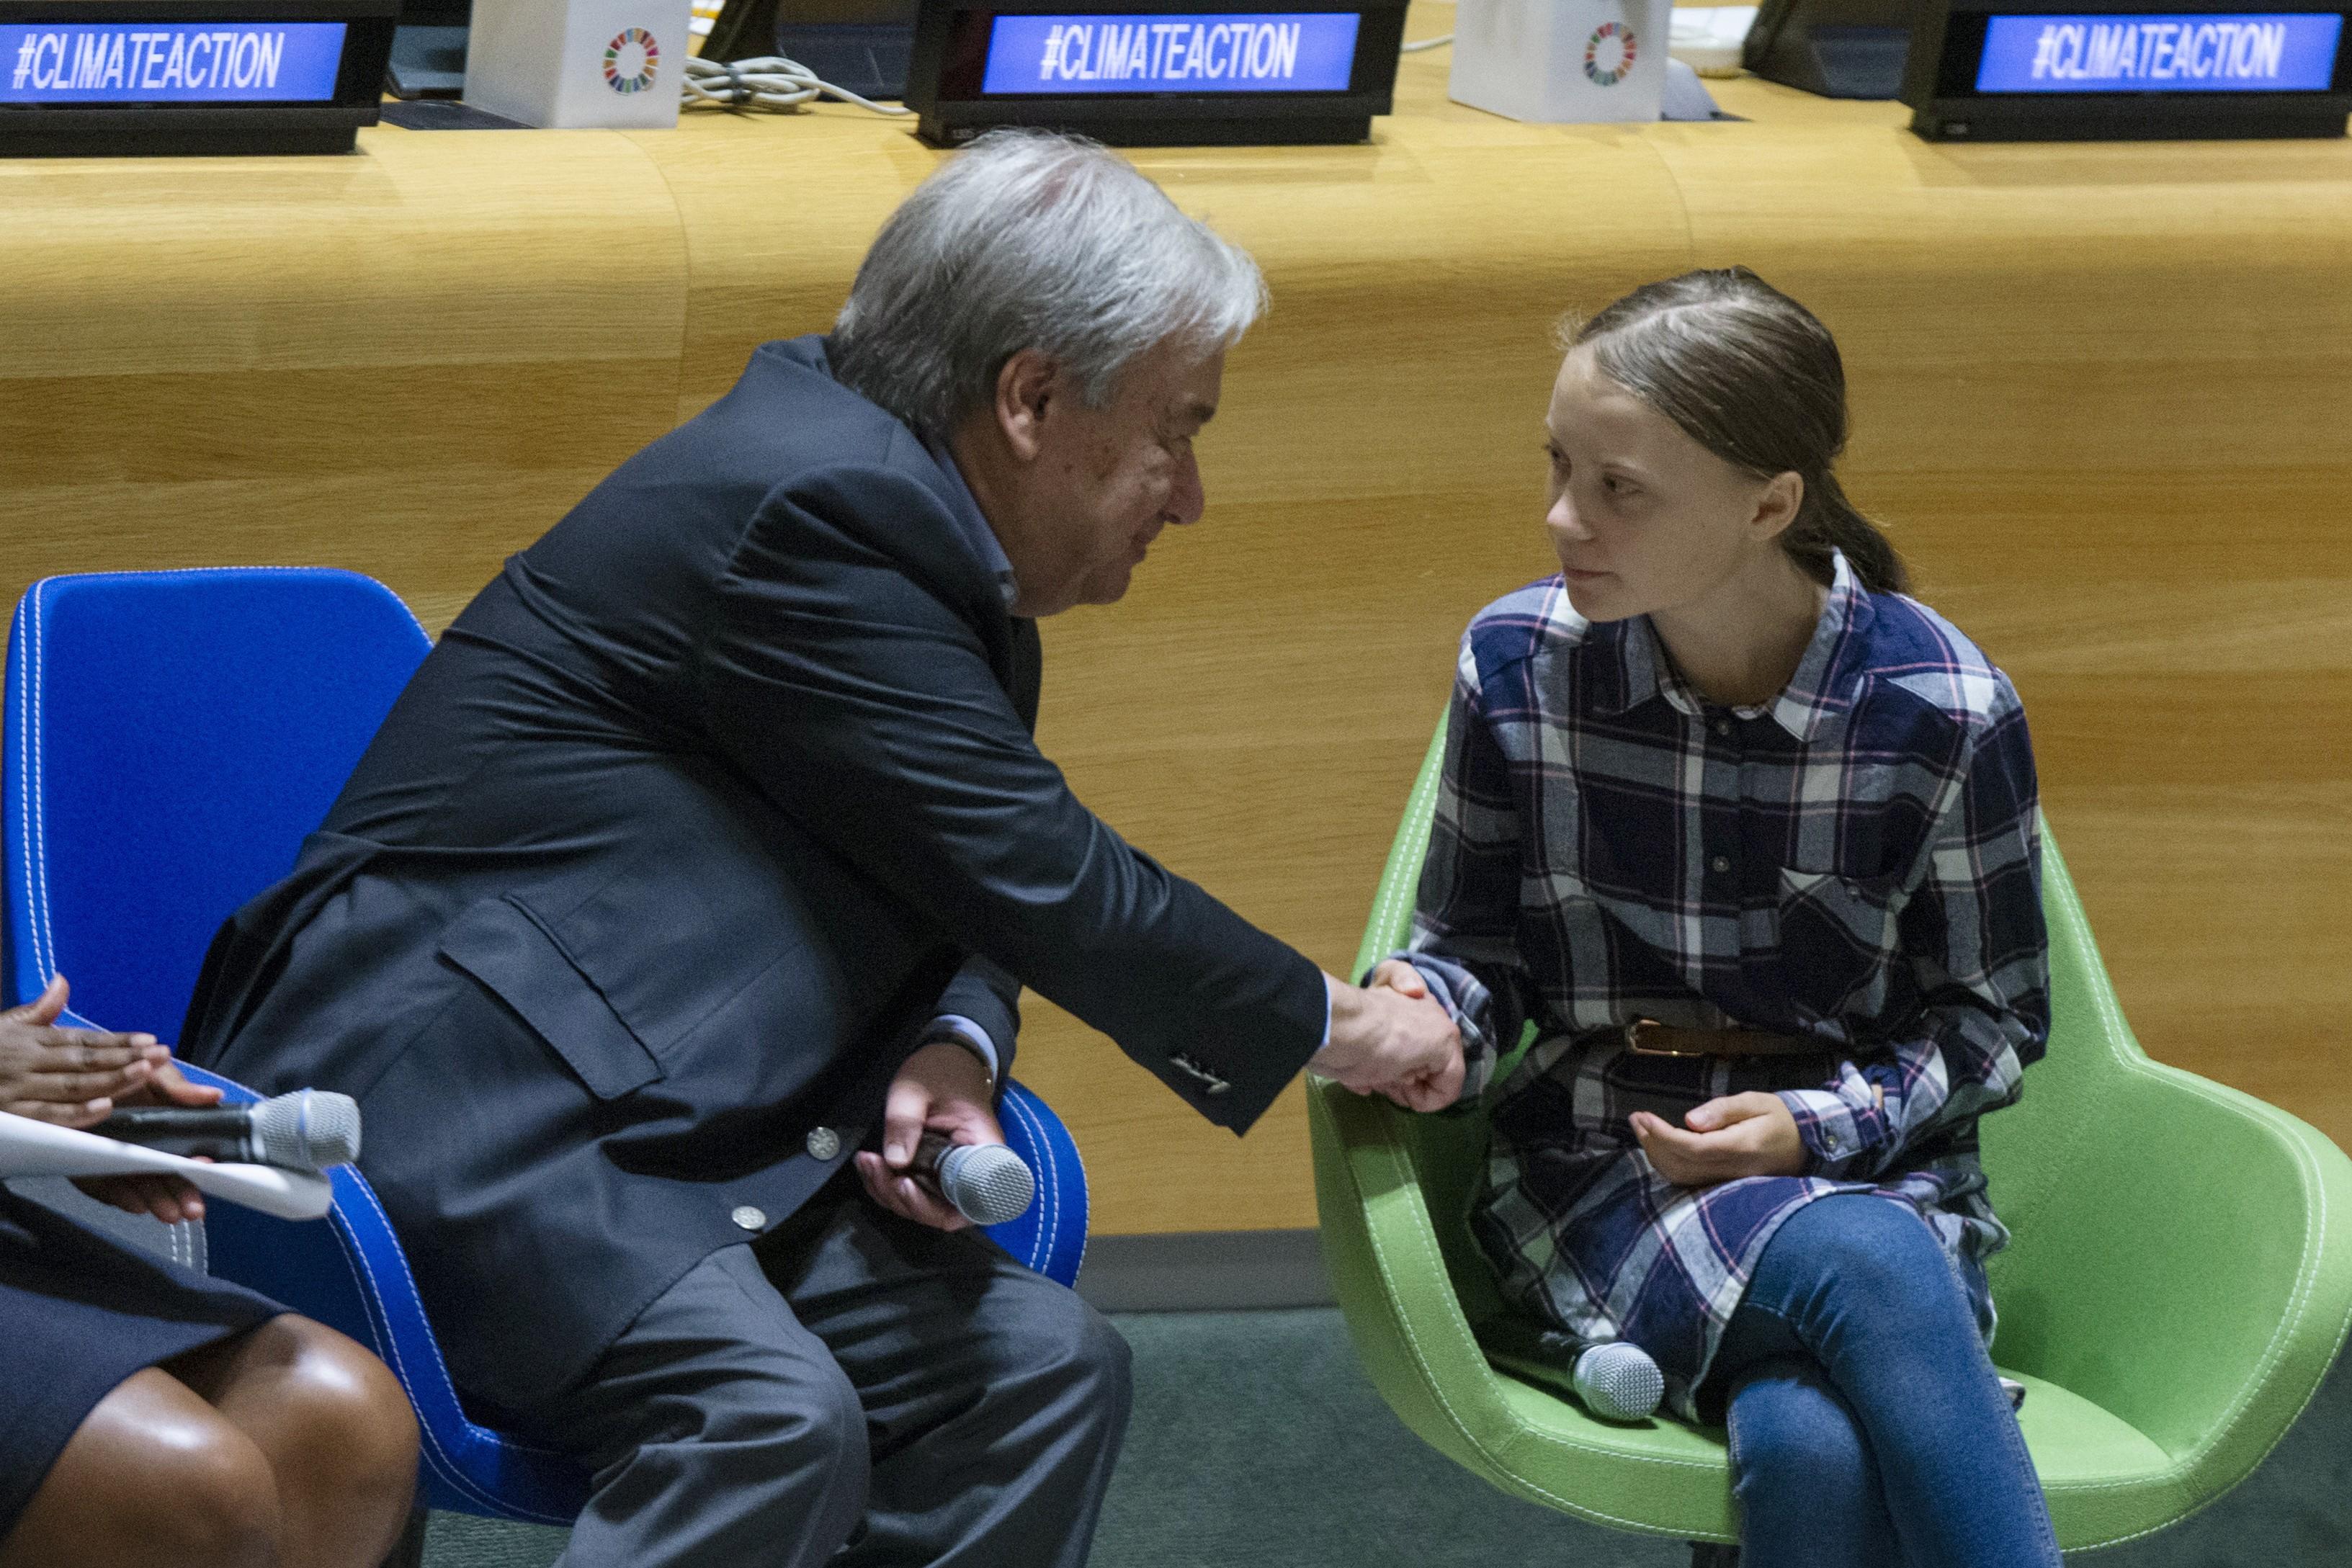 Na abertura da Cúpula do Clima da ONU, Greta Thunberg diz que jovens têm força para pressionar governantes por mudanças - Notícias - Plantão Diário